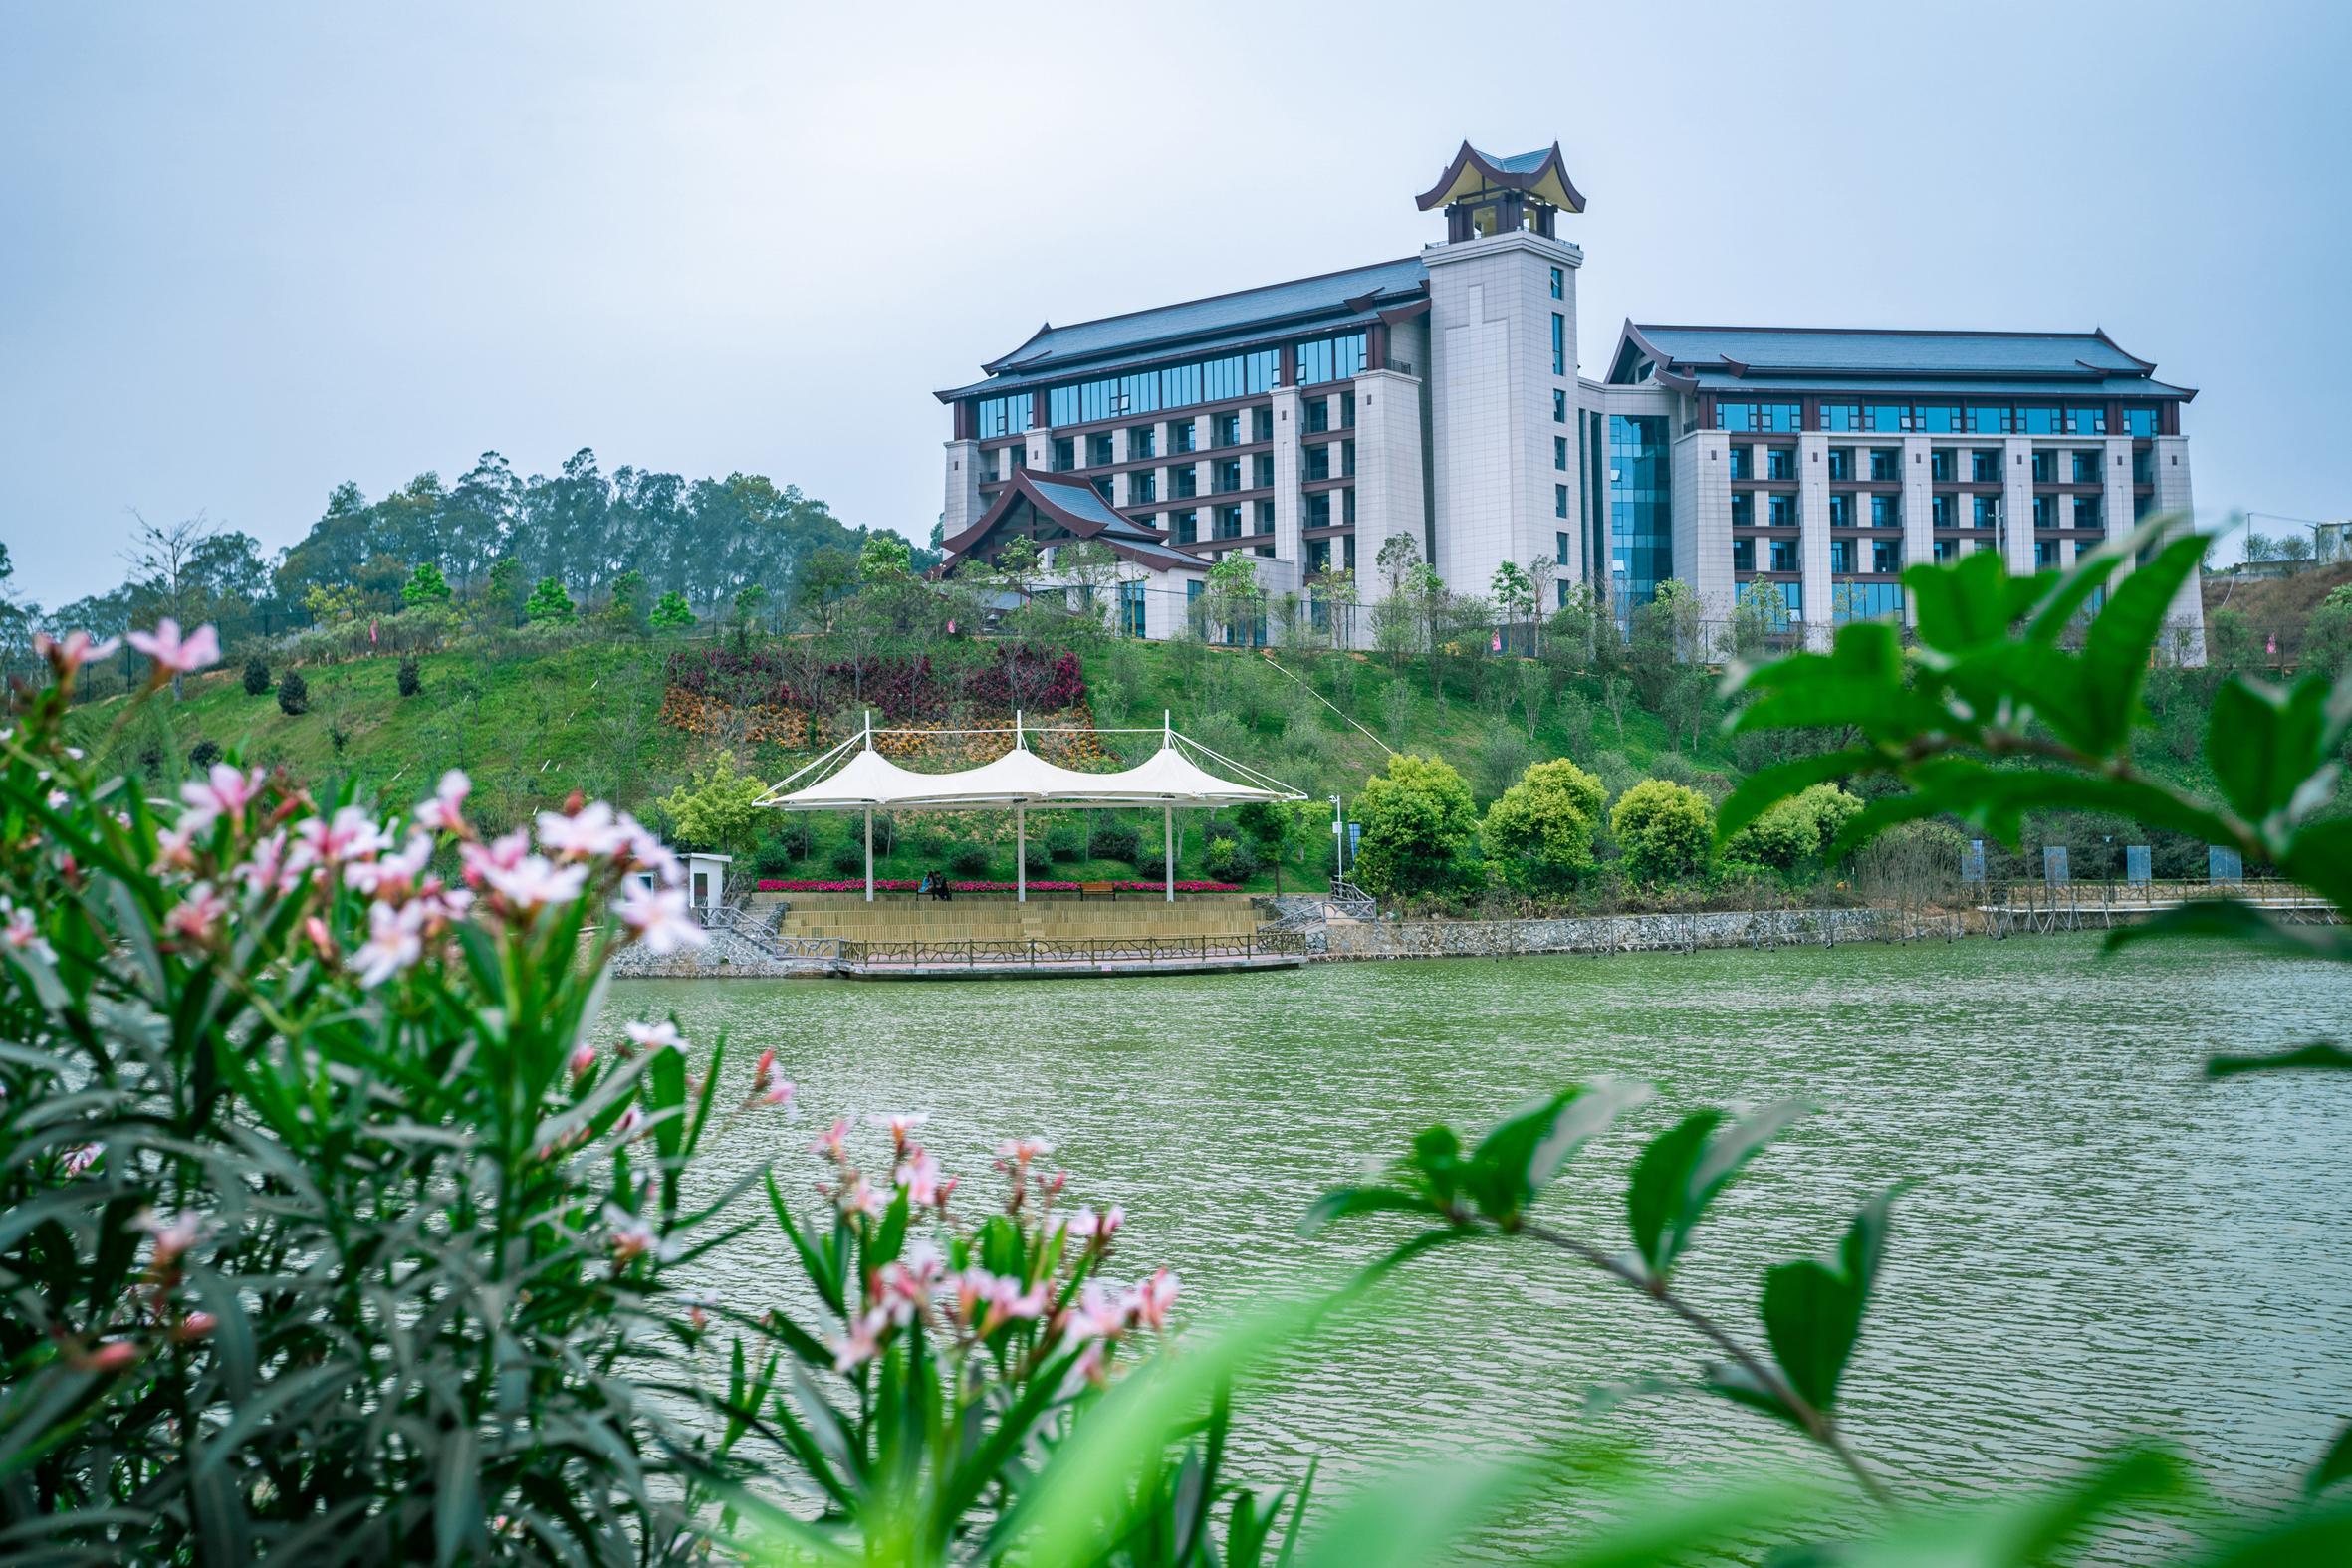 信宜莲花湖温德姆酒店丨高星级酒店的破界思考